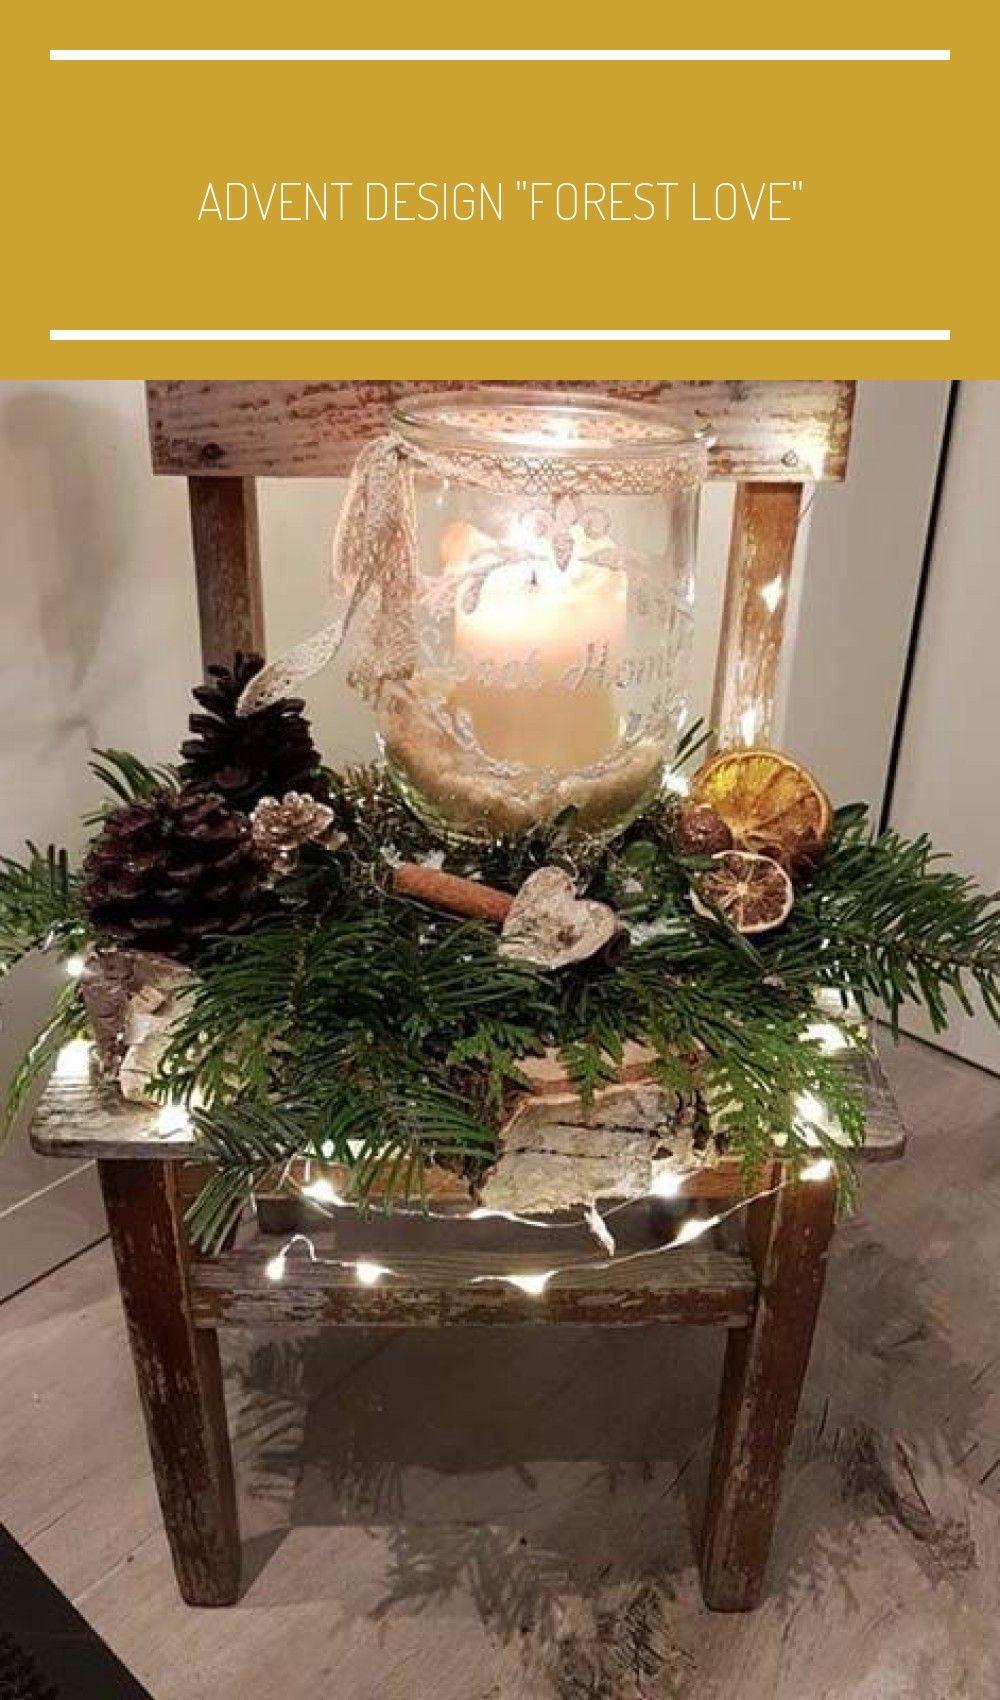 #Weihnachten  #Weihnachtsdekoration  #natur  #natural  #n ...   #natur  #natural  #rustikaler  #stuhl  #weihnachten  #weihnachtsdekoration #Rustikaler #Stuhl #Weihnachtsdekoration  Rustikaler Stuhl Weihnachtsdekoration #rustikale weihnachten tischdeko #rustikaleweihnachtentischdeko